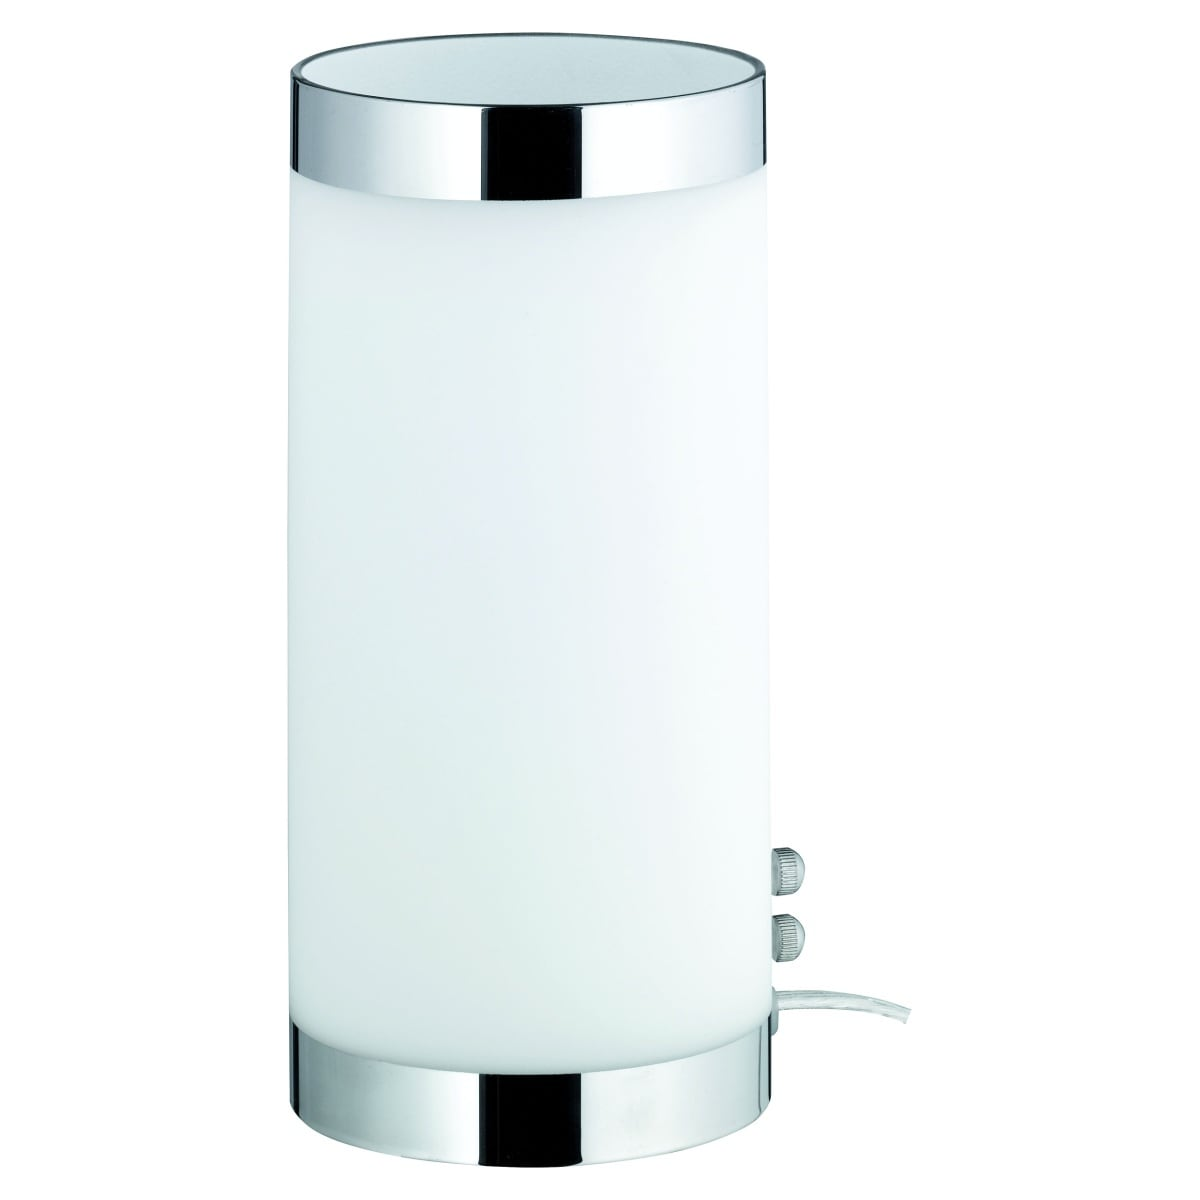 tischleuchte opalglas wei tischlampen lampen. Black Bedroom Furniture Sets. Home Design Ideas